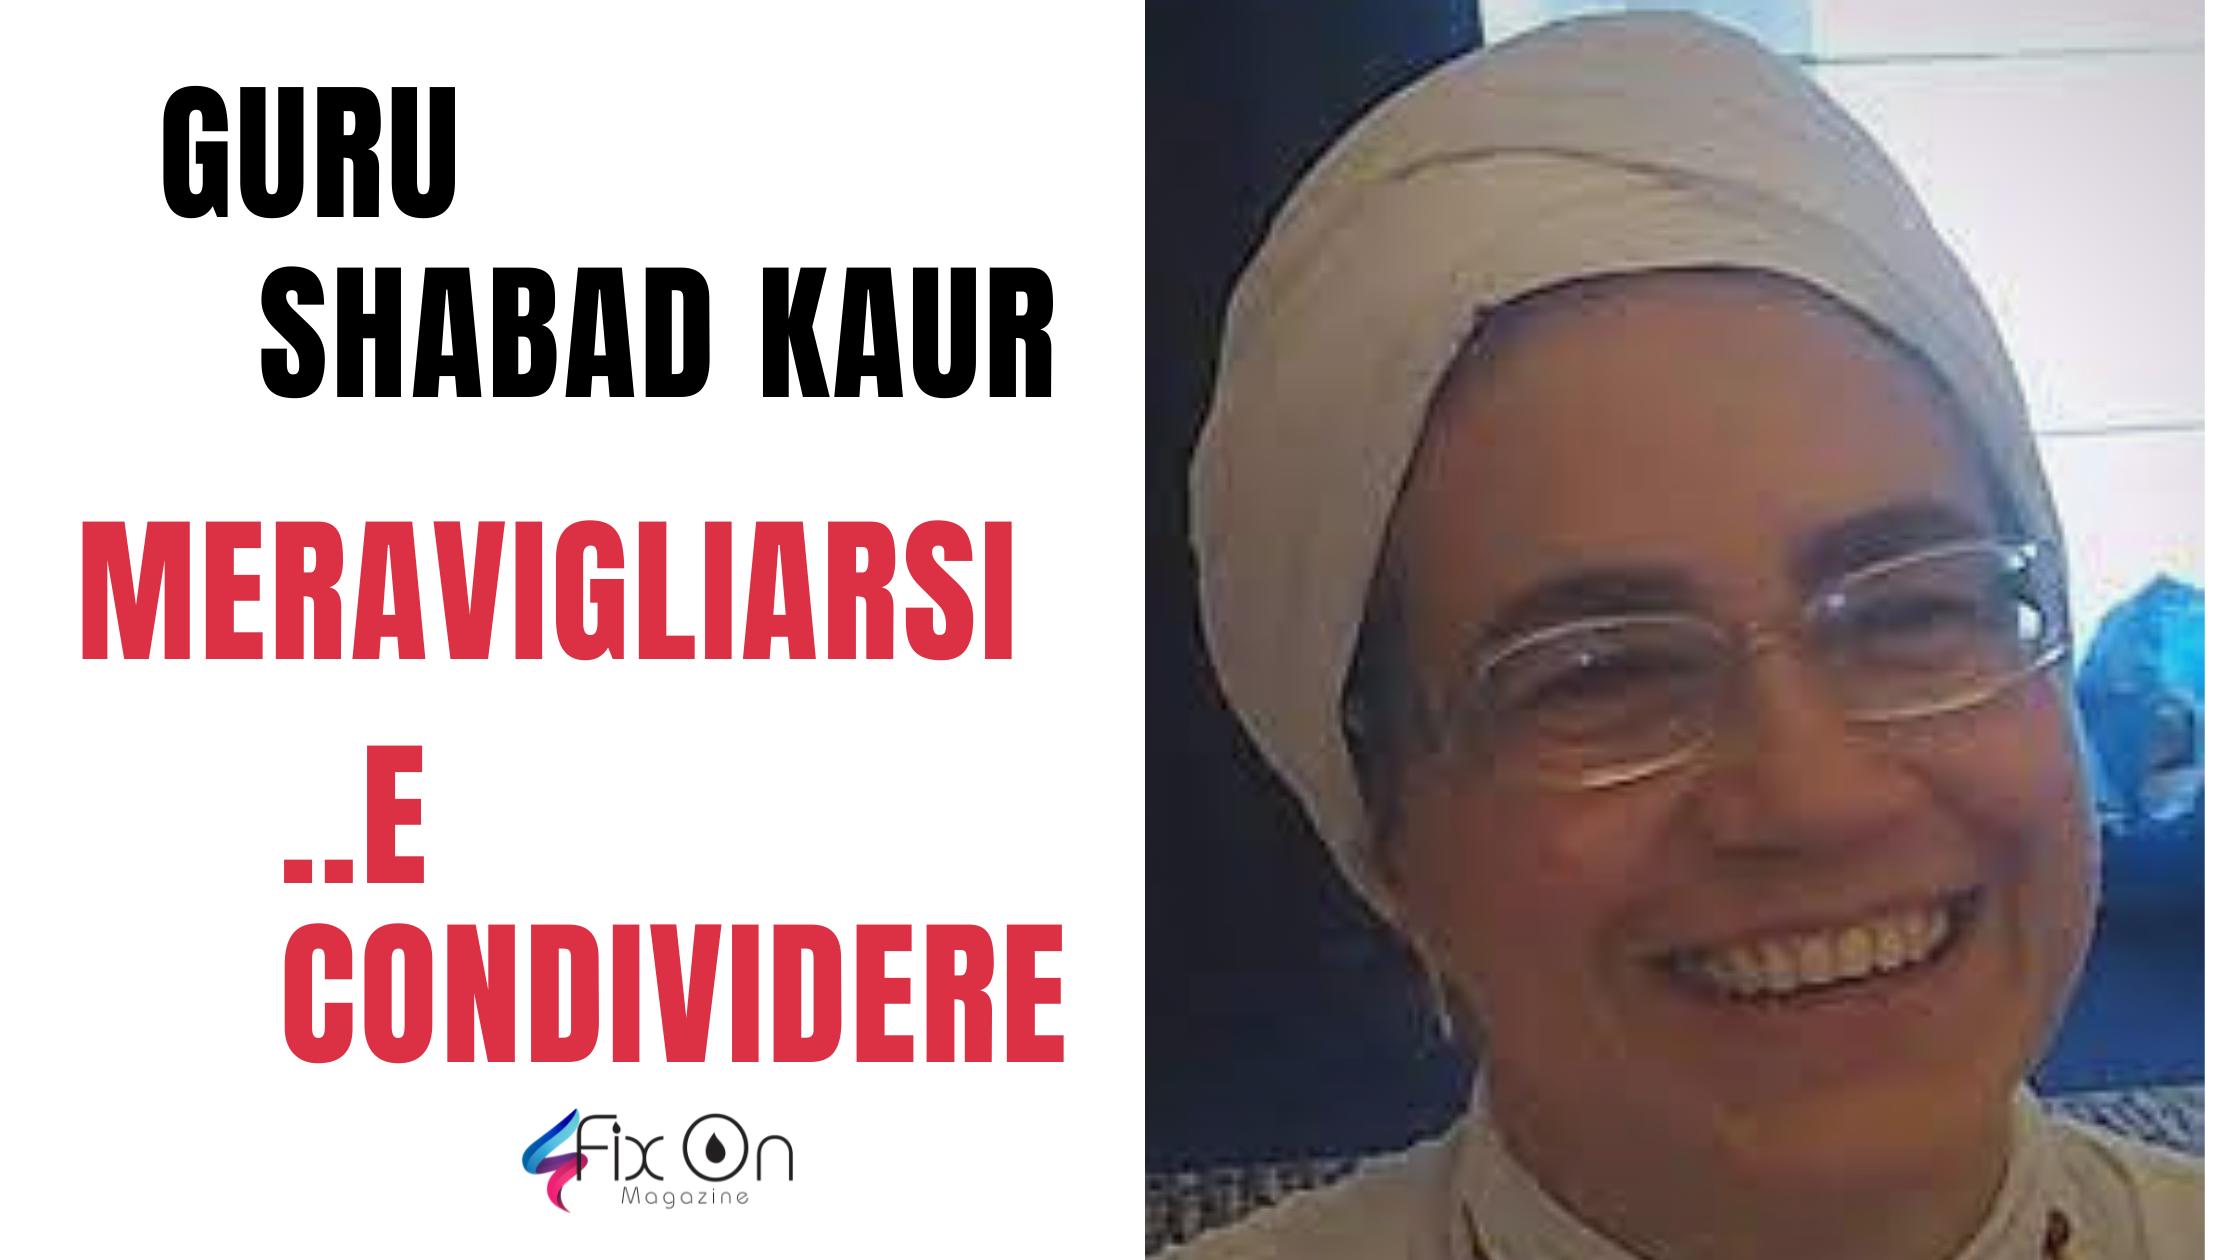 Guru Shabad Kaur